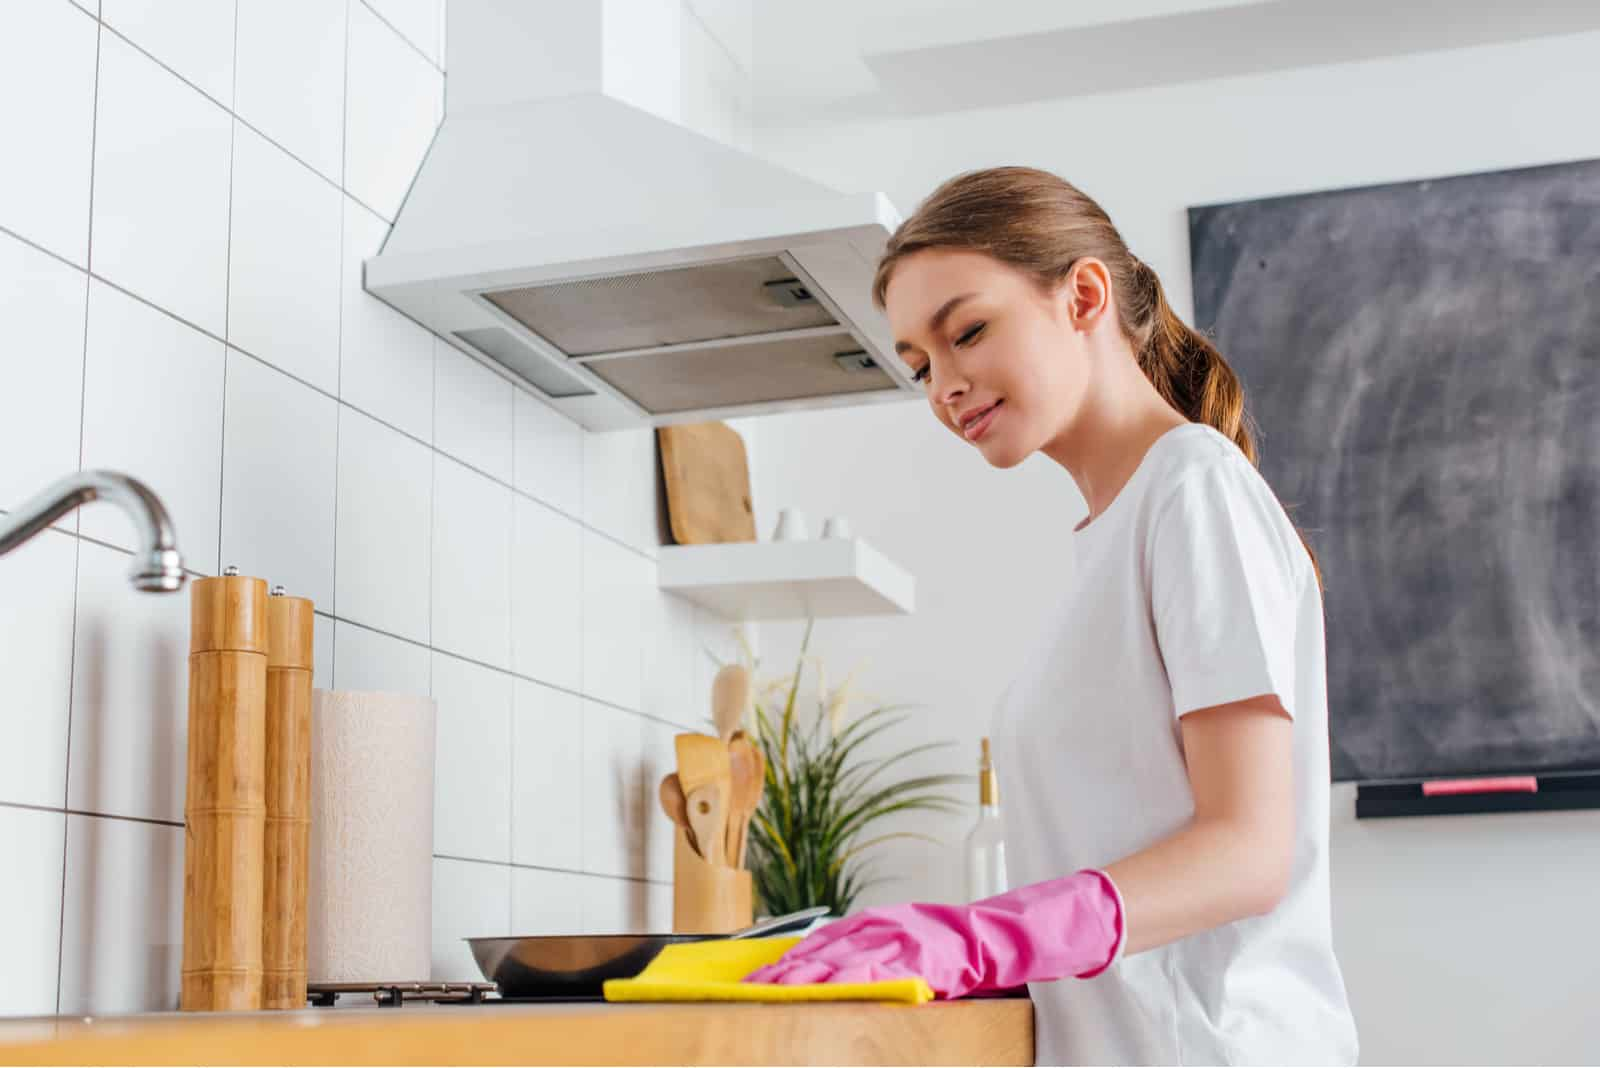 Jeune femme cuisine propre avec gant à portée de main